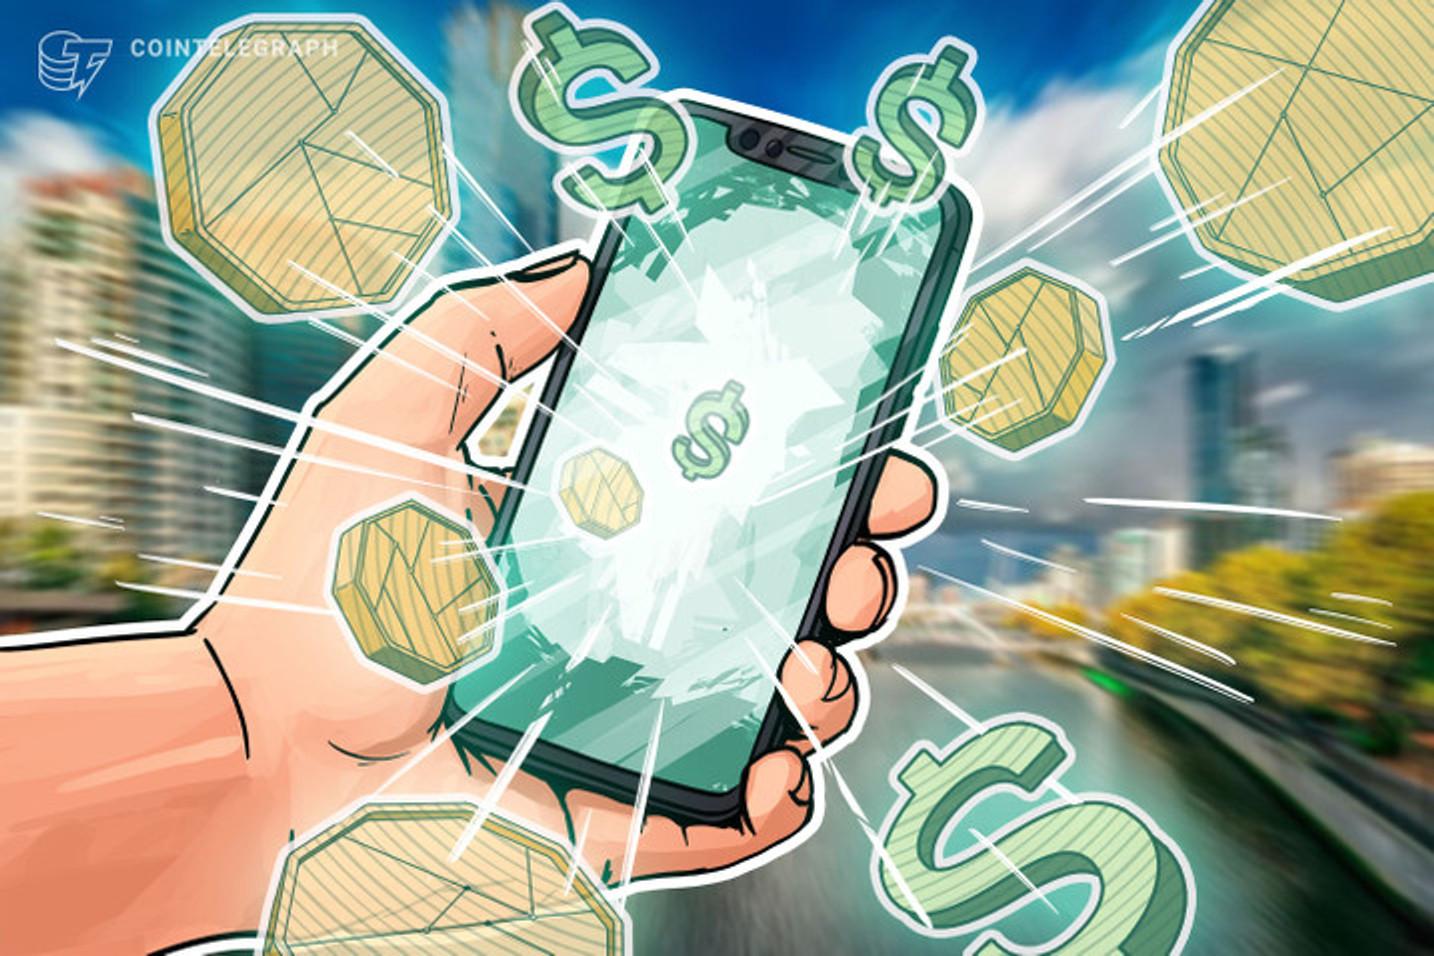 Según el COO de Koibanx, la tecnología blockchain ofrece soluciones para el despegue de los pagos digitales